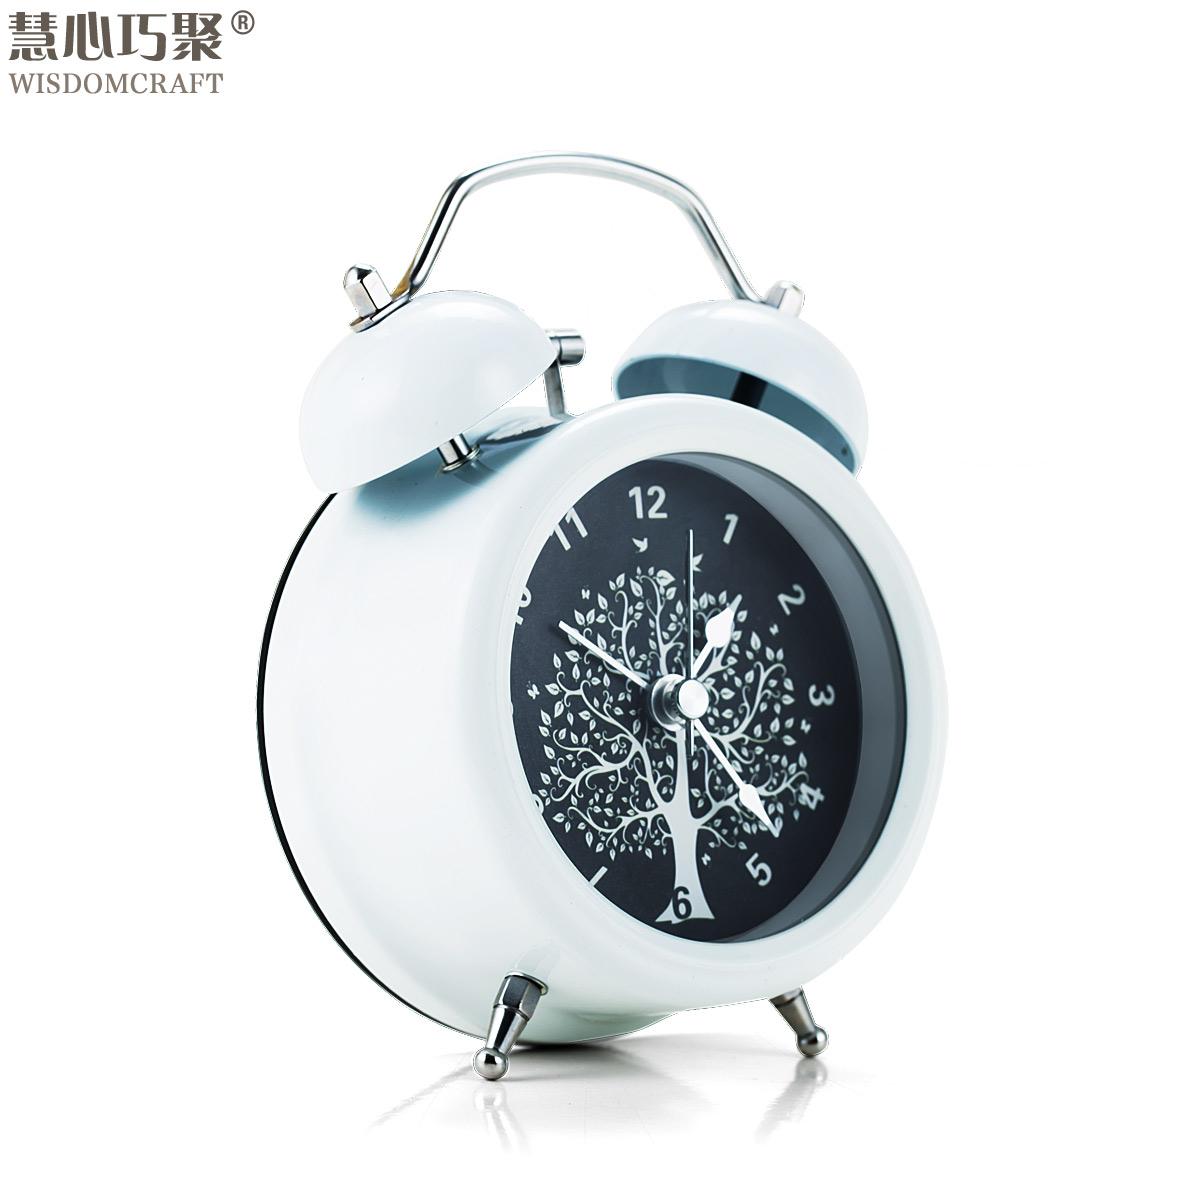 创意时尚闹钟可爱懒人静音夜灯双响铃大声学生正品闹钟